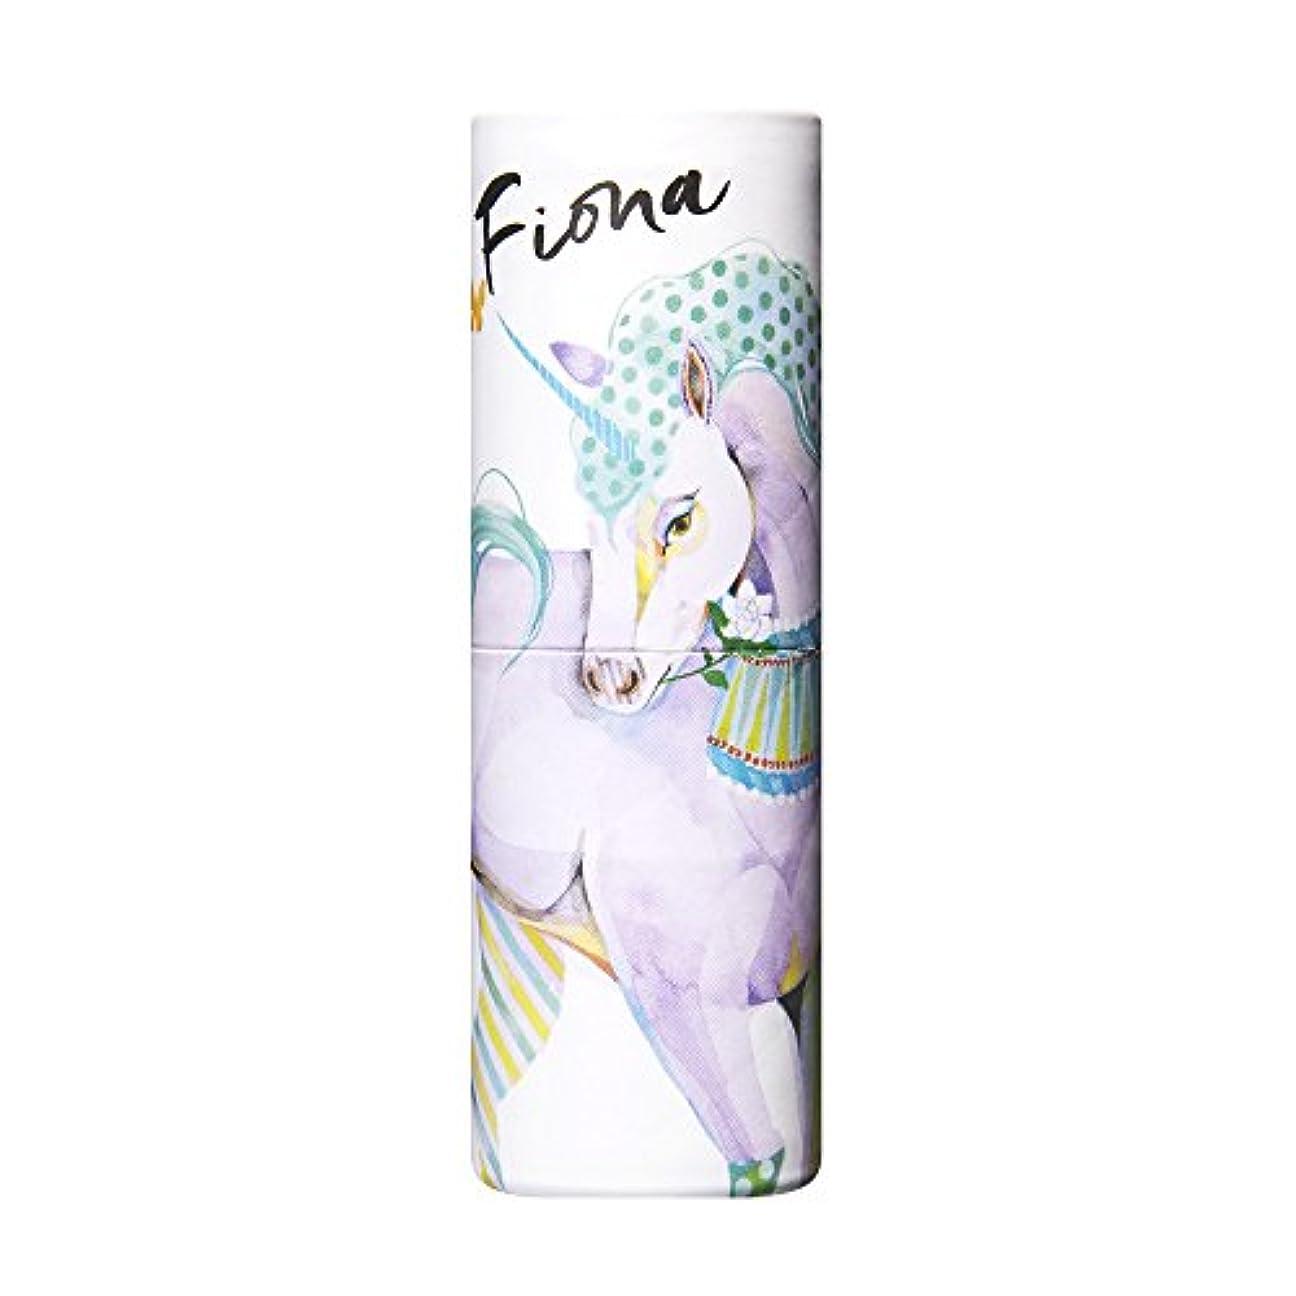 取り替えるホステルミンチヴァシリーサ パフュームスティック フィオナ ユニコーン  練香水 5g